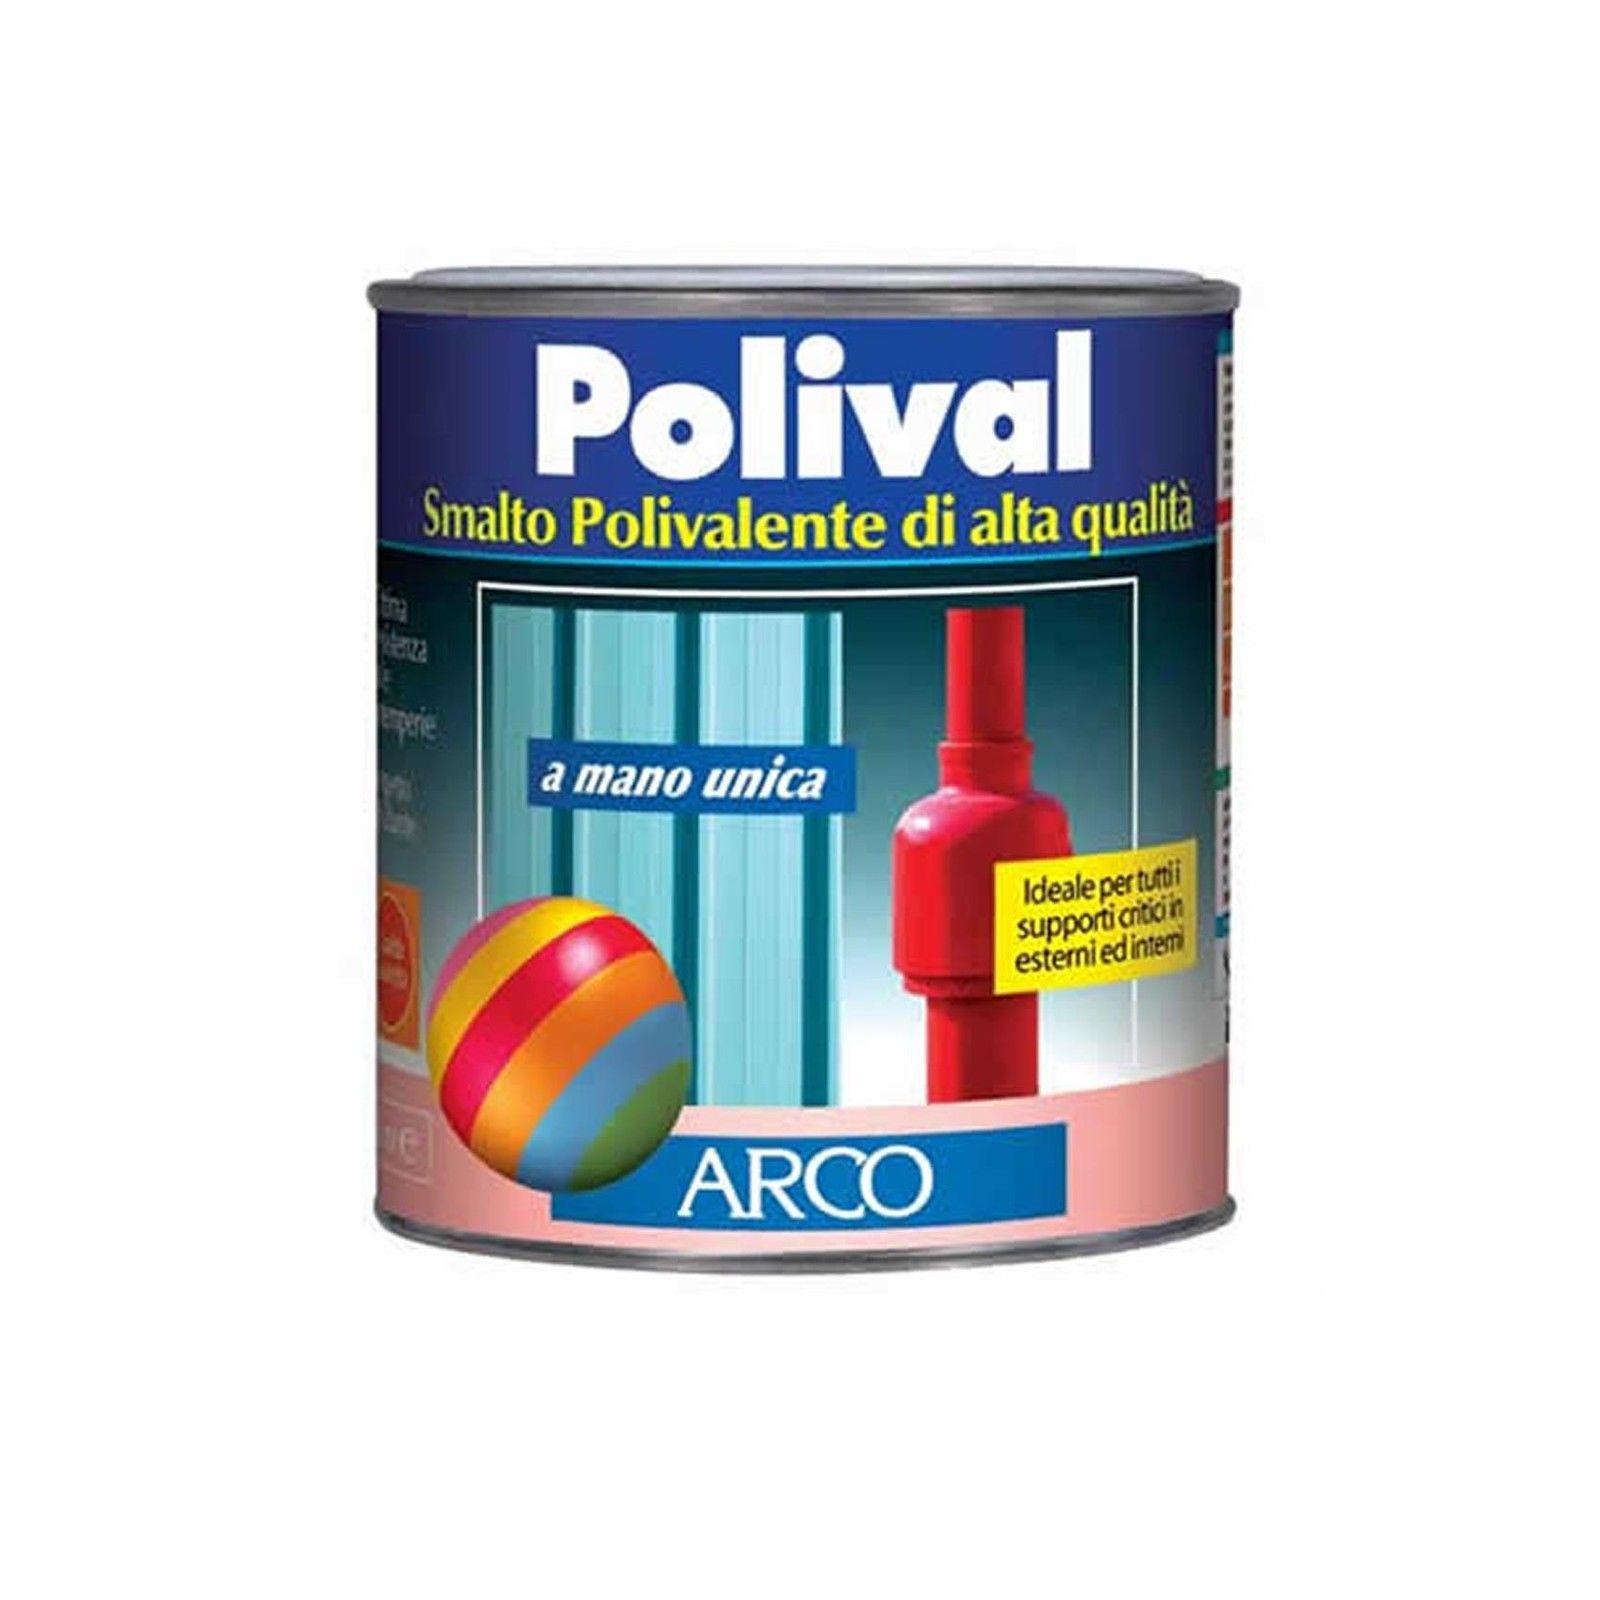 Arco Polival smalto 750ml  mano unica per plastica vetro lamiera colore rame